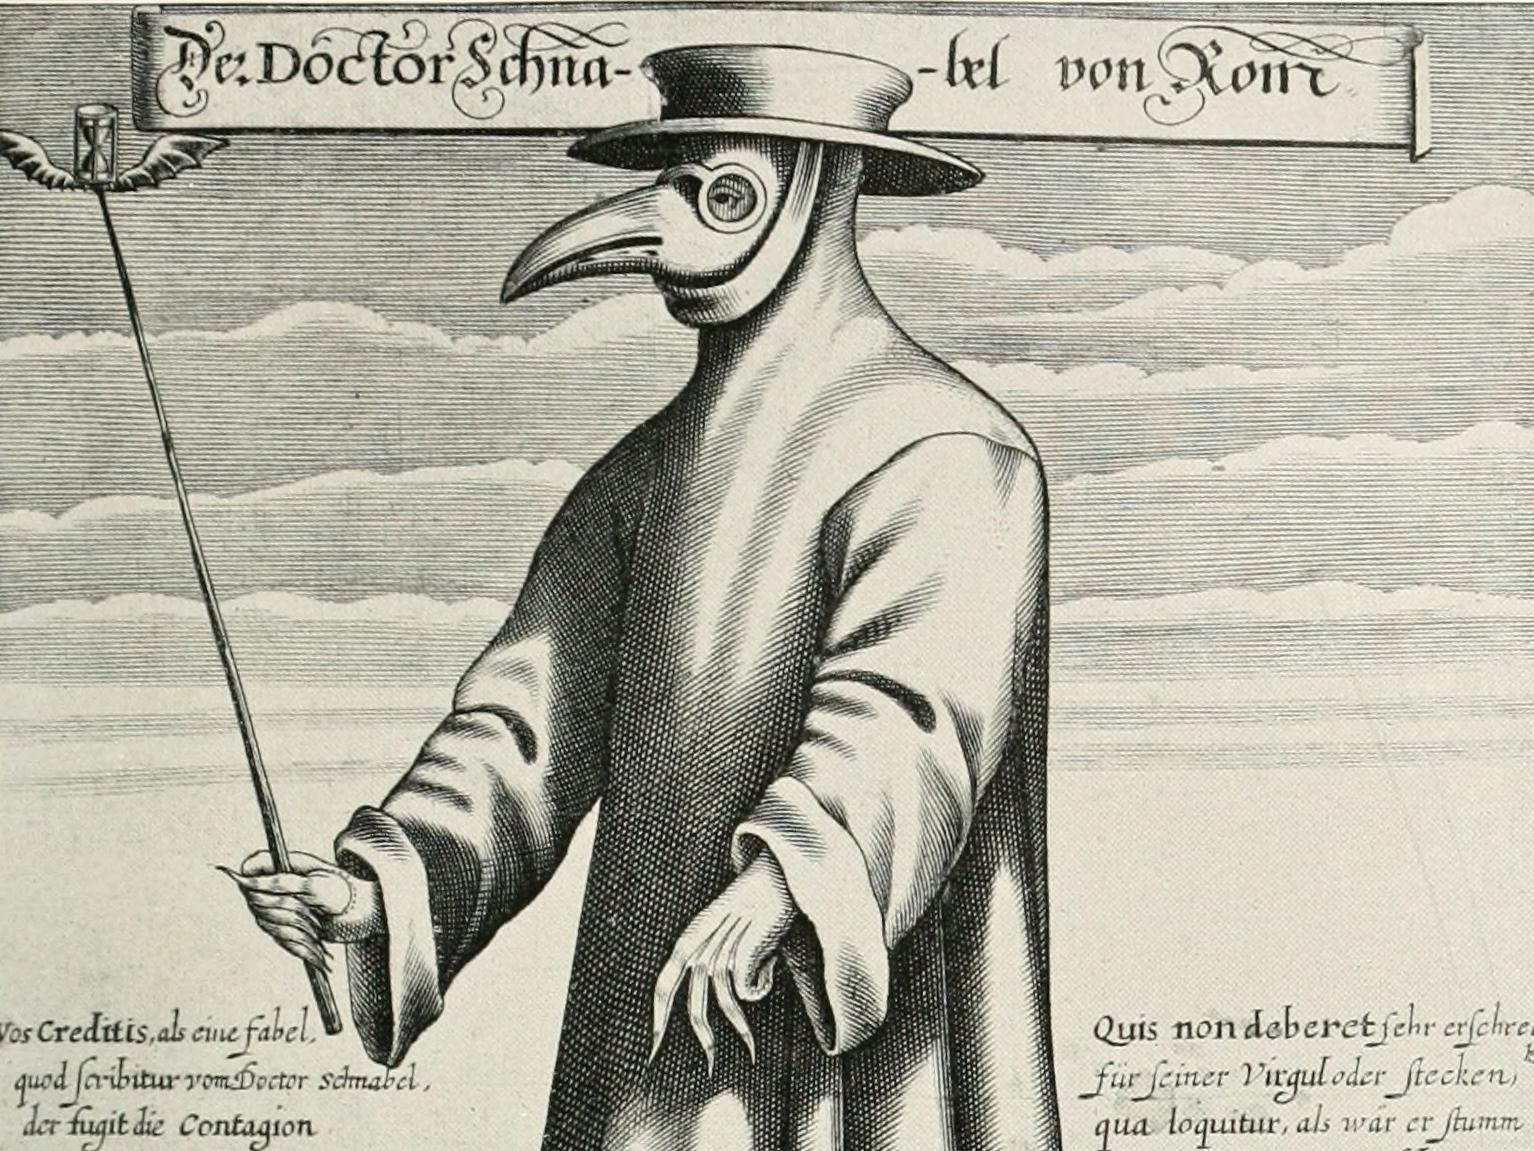 Der Doctor Schnabel von Rom o Il medico della peste (1656), di Paul Fürst (1608-1666)